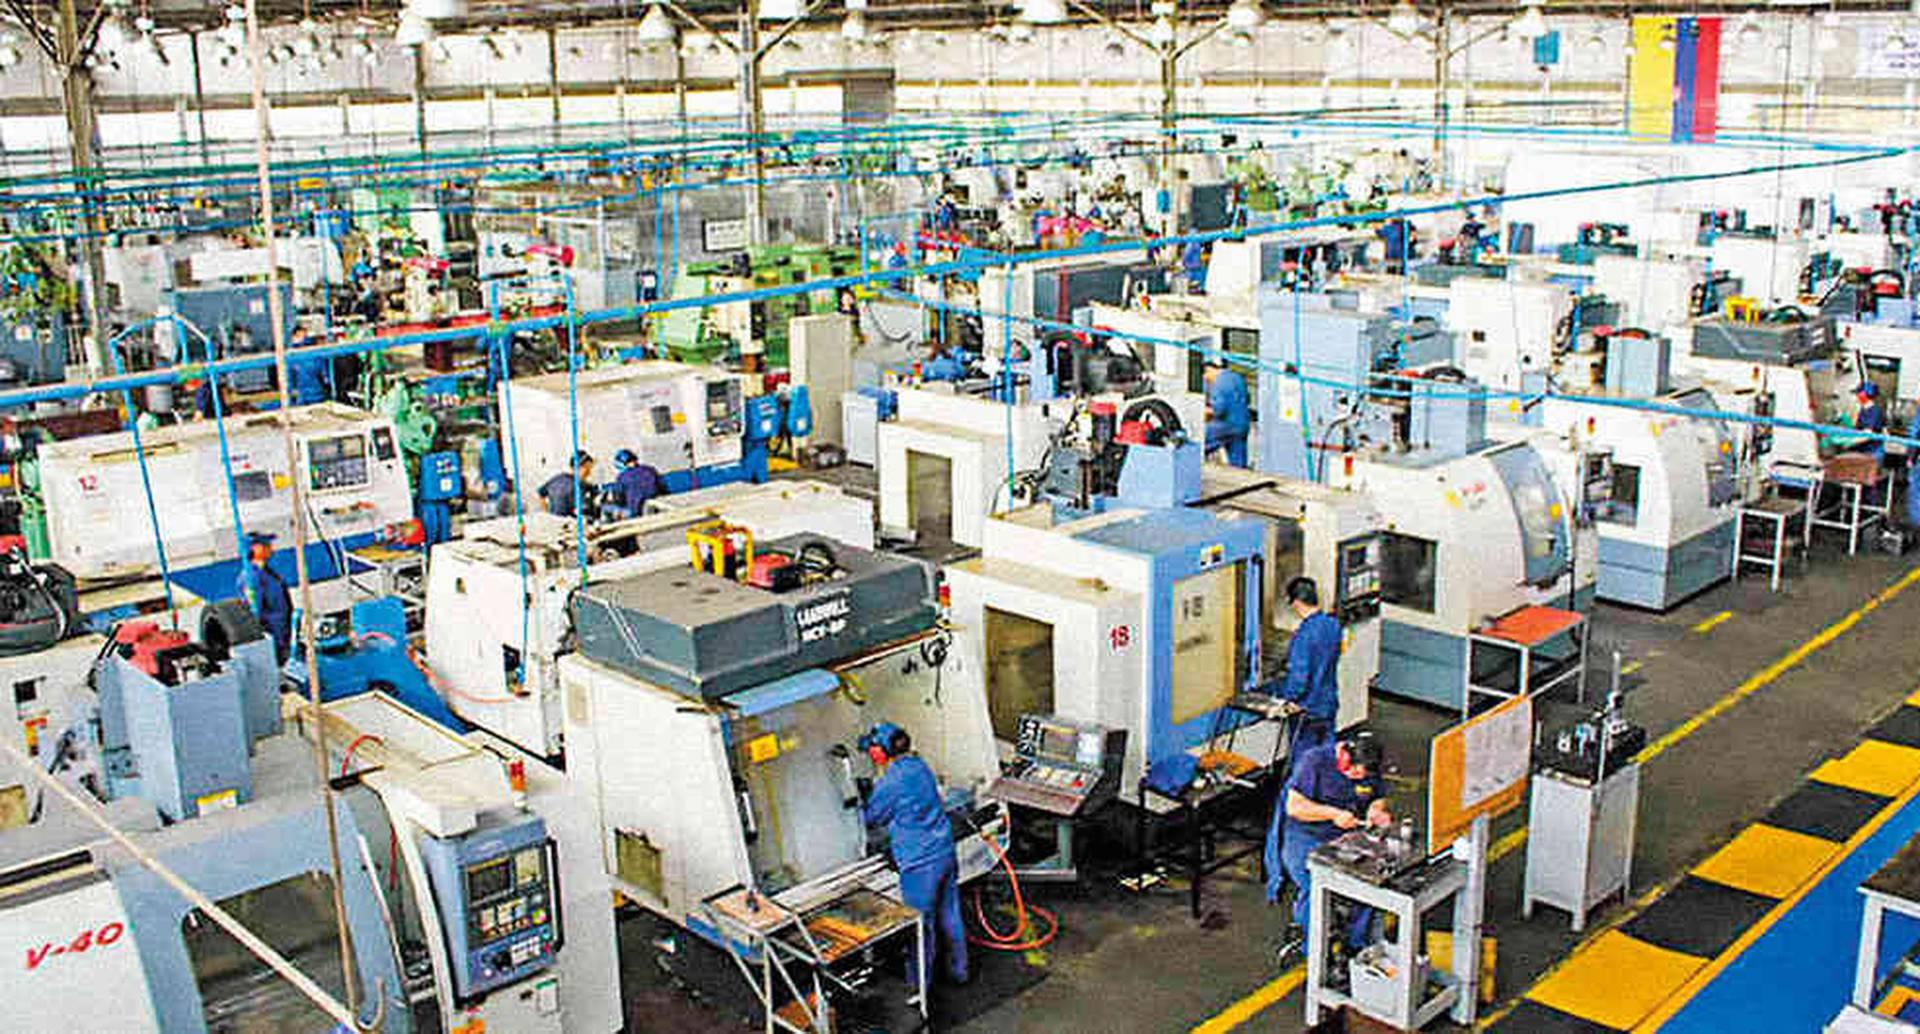 Indumil tiene tres fábricas: armas, explosivos y municiones. Su negocio es abastecer el mercado interno, pero está empezando a expandirse por el mundo.